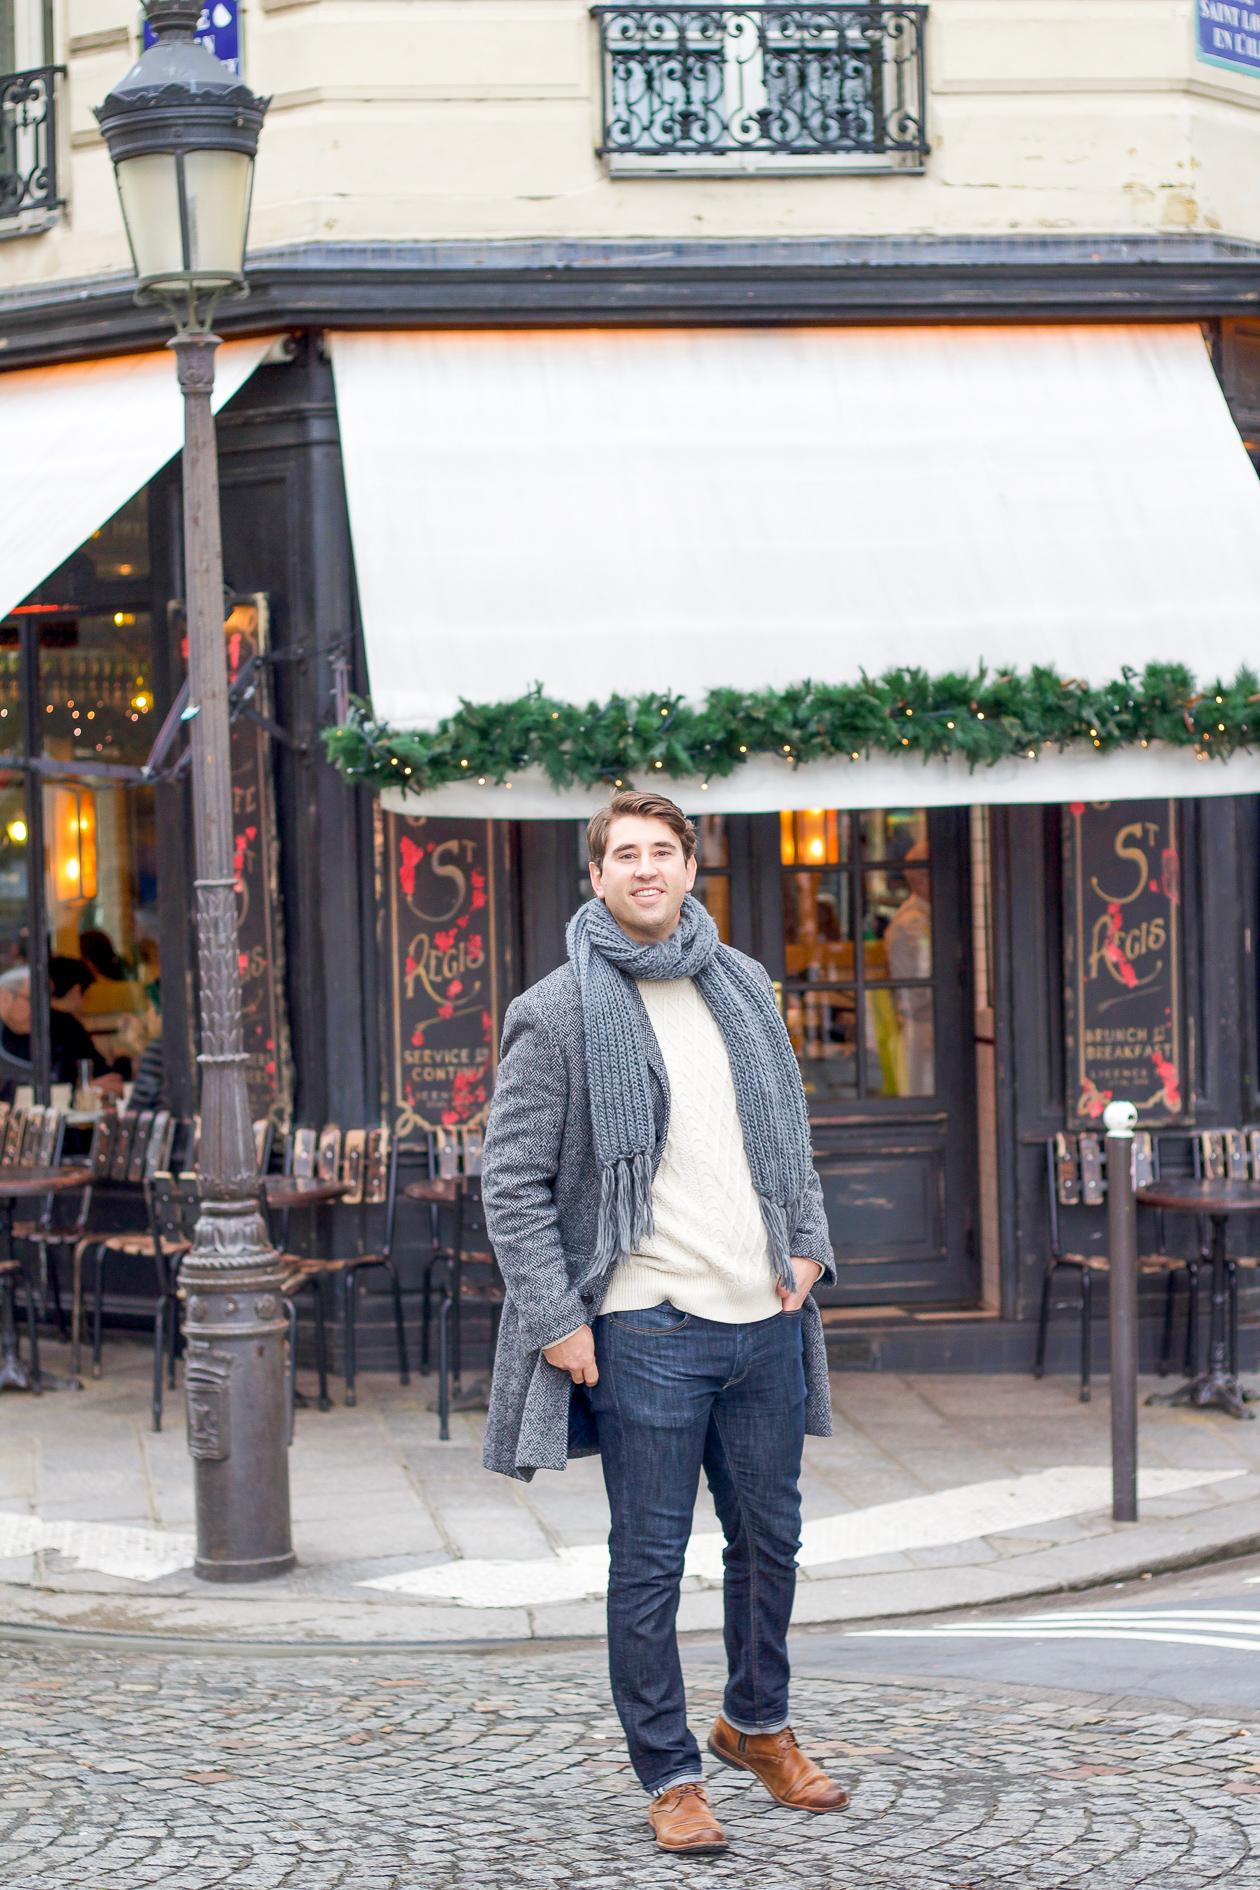 Cafe St. Regis on I'le Saint-Louis